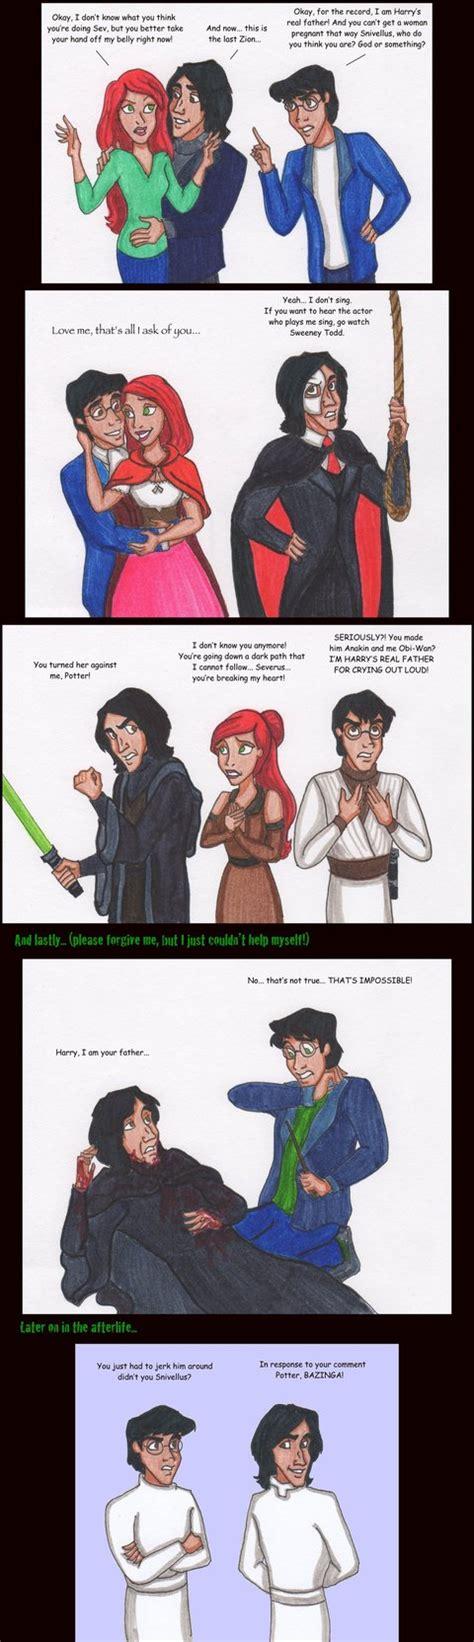 Snape Meme - snape meme part 6 by dkcissner on deviantart